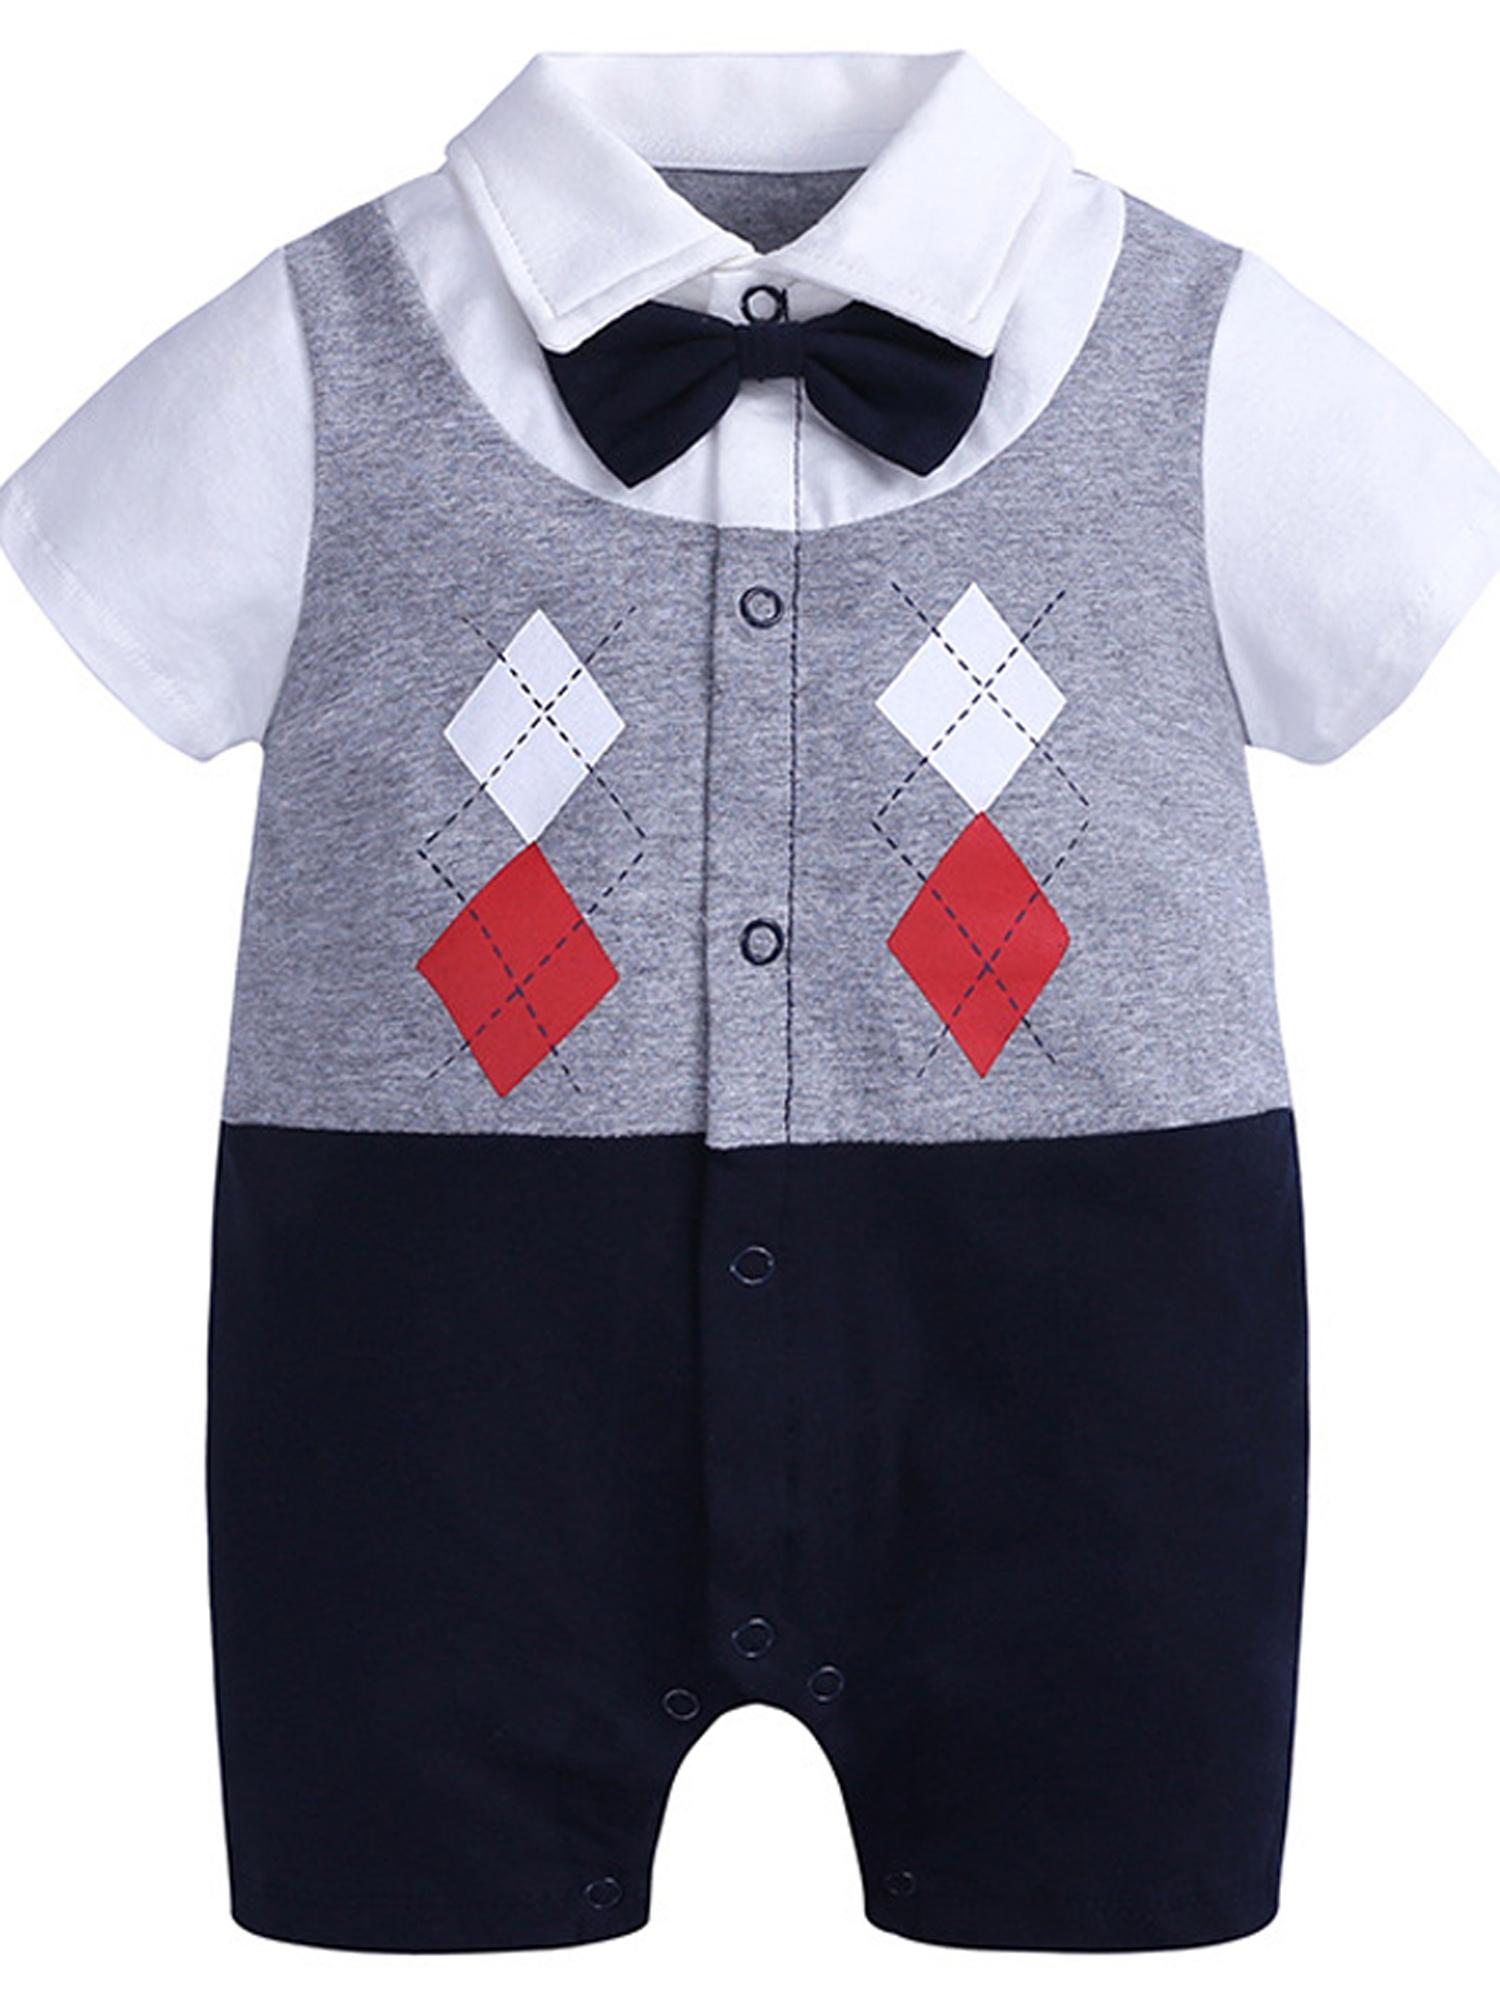 Lallc - Toddler Baby Boys Jumpsuits Short Sleeve Gentlemen Party Wedding  Kids Rompers - Walmart.com - Walmart.com